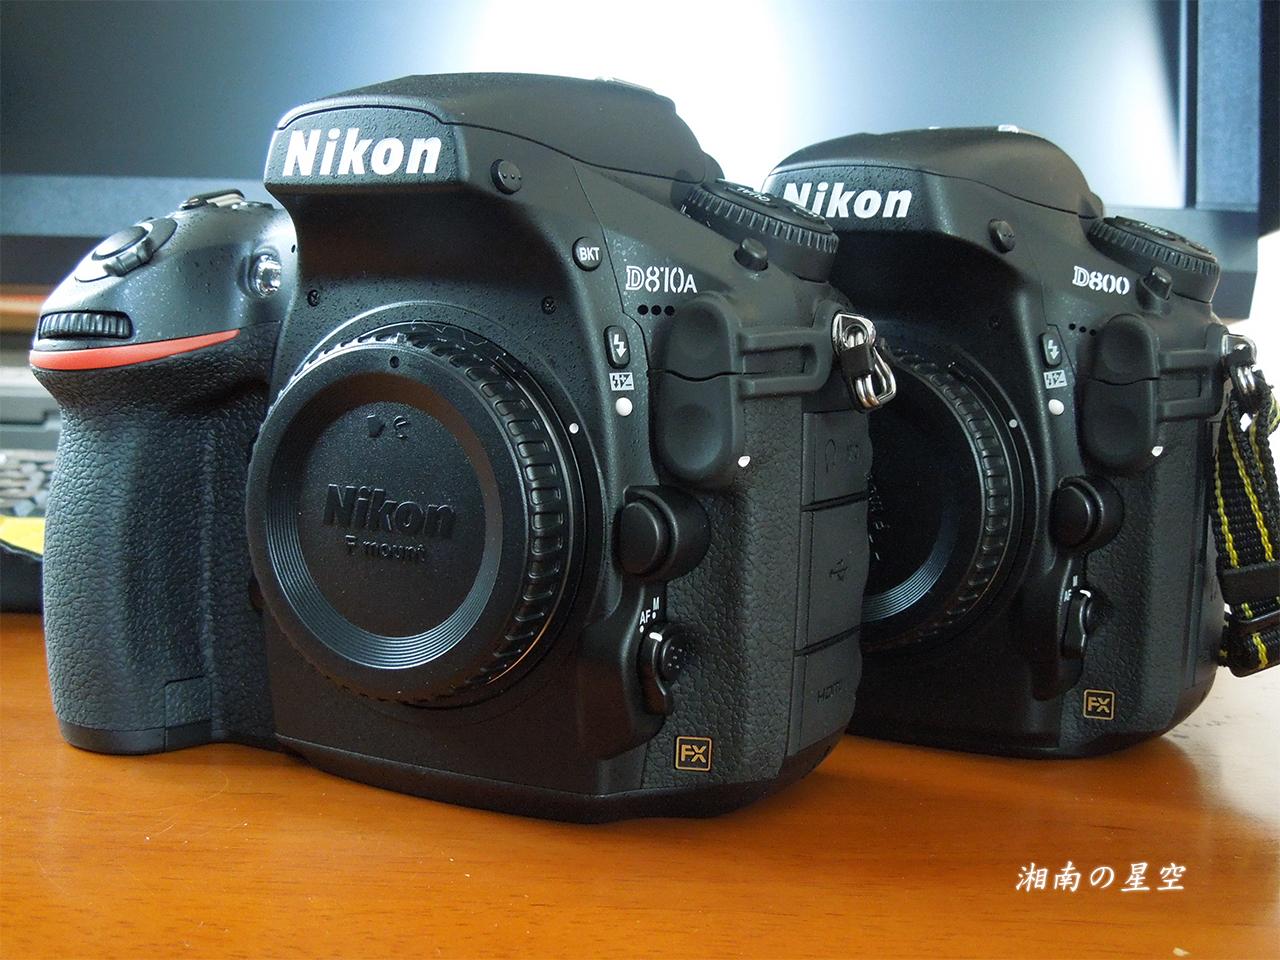 NikonD810A2